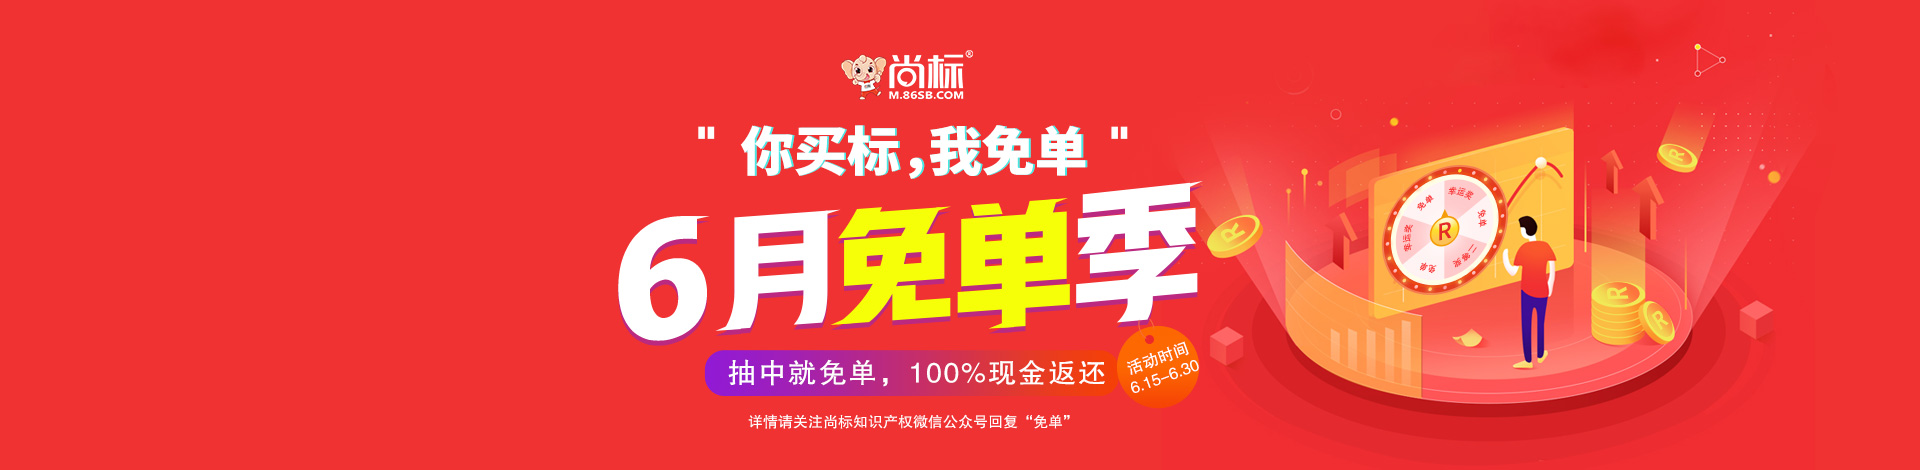 彩票投注app-购买商标代理机构